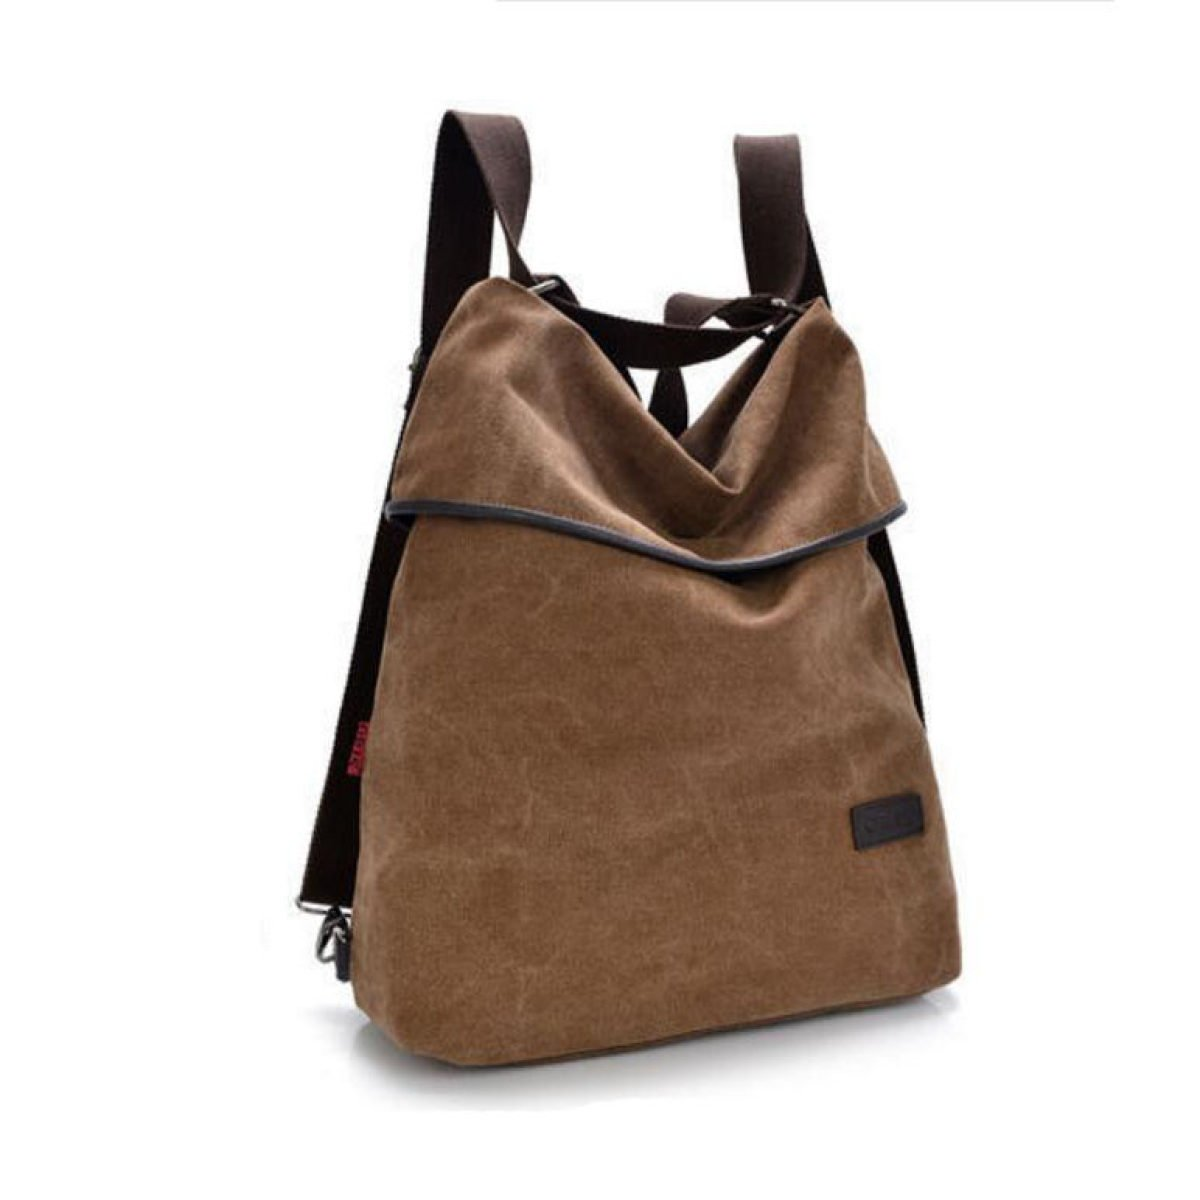 Damenmode Segeltuchtasche Trend Einfach Handtasche B076FRSD1G Henkeltaschen Die Die Die Menschen verlassen sich auf Kleidung 5483d5